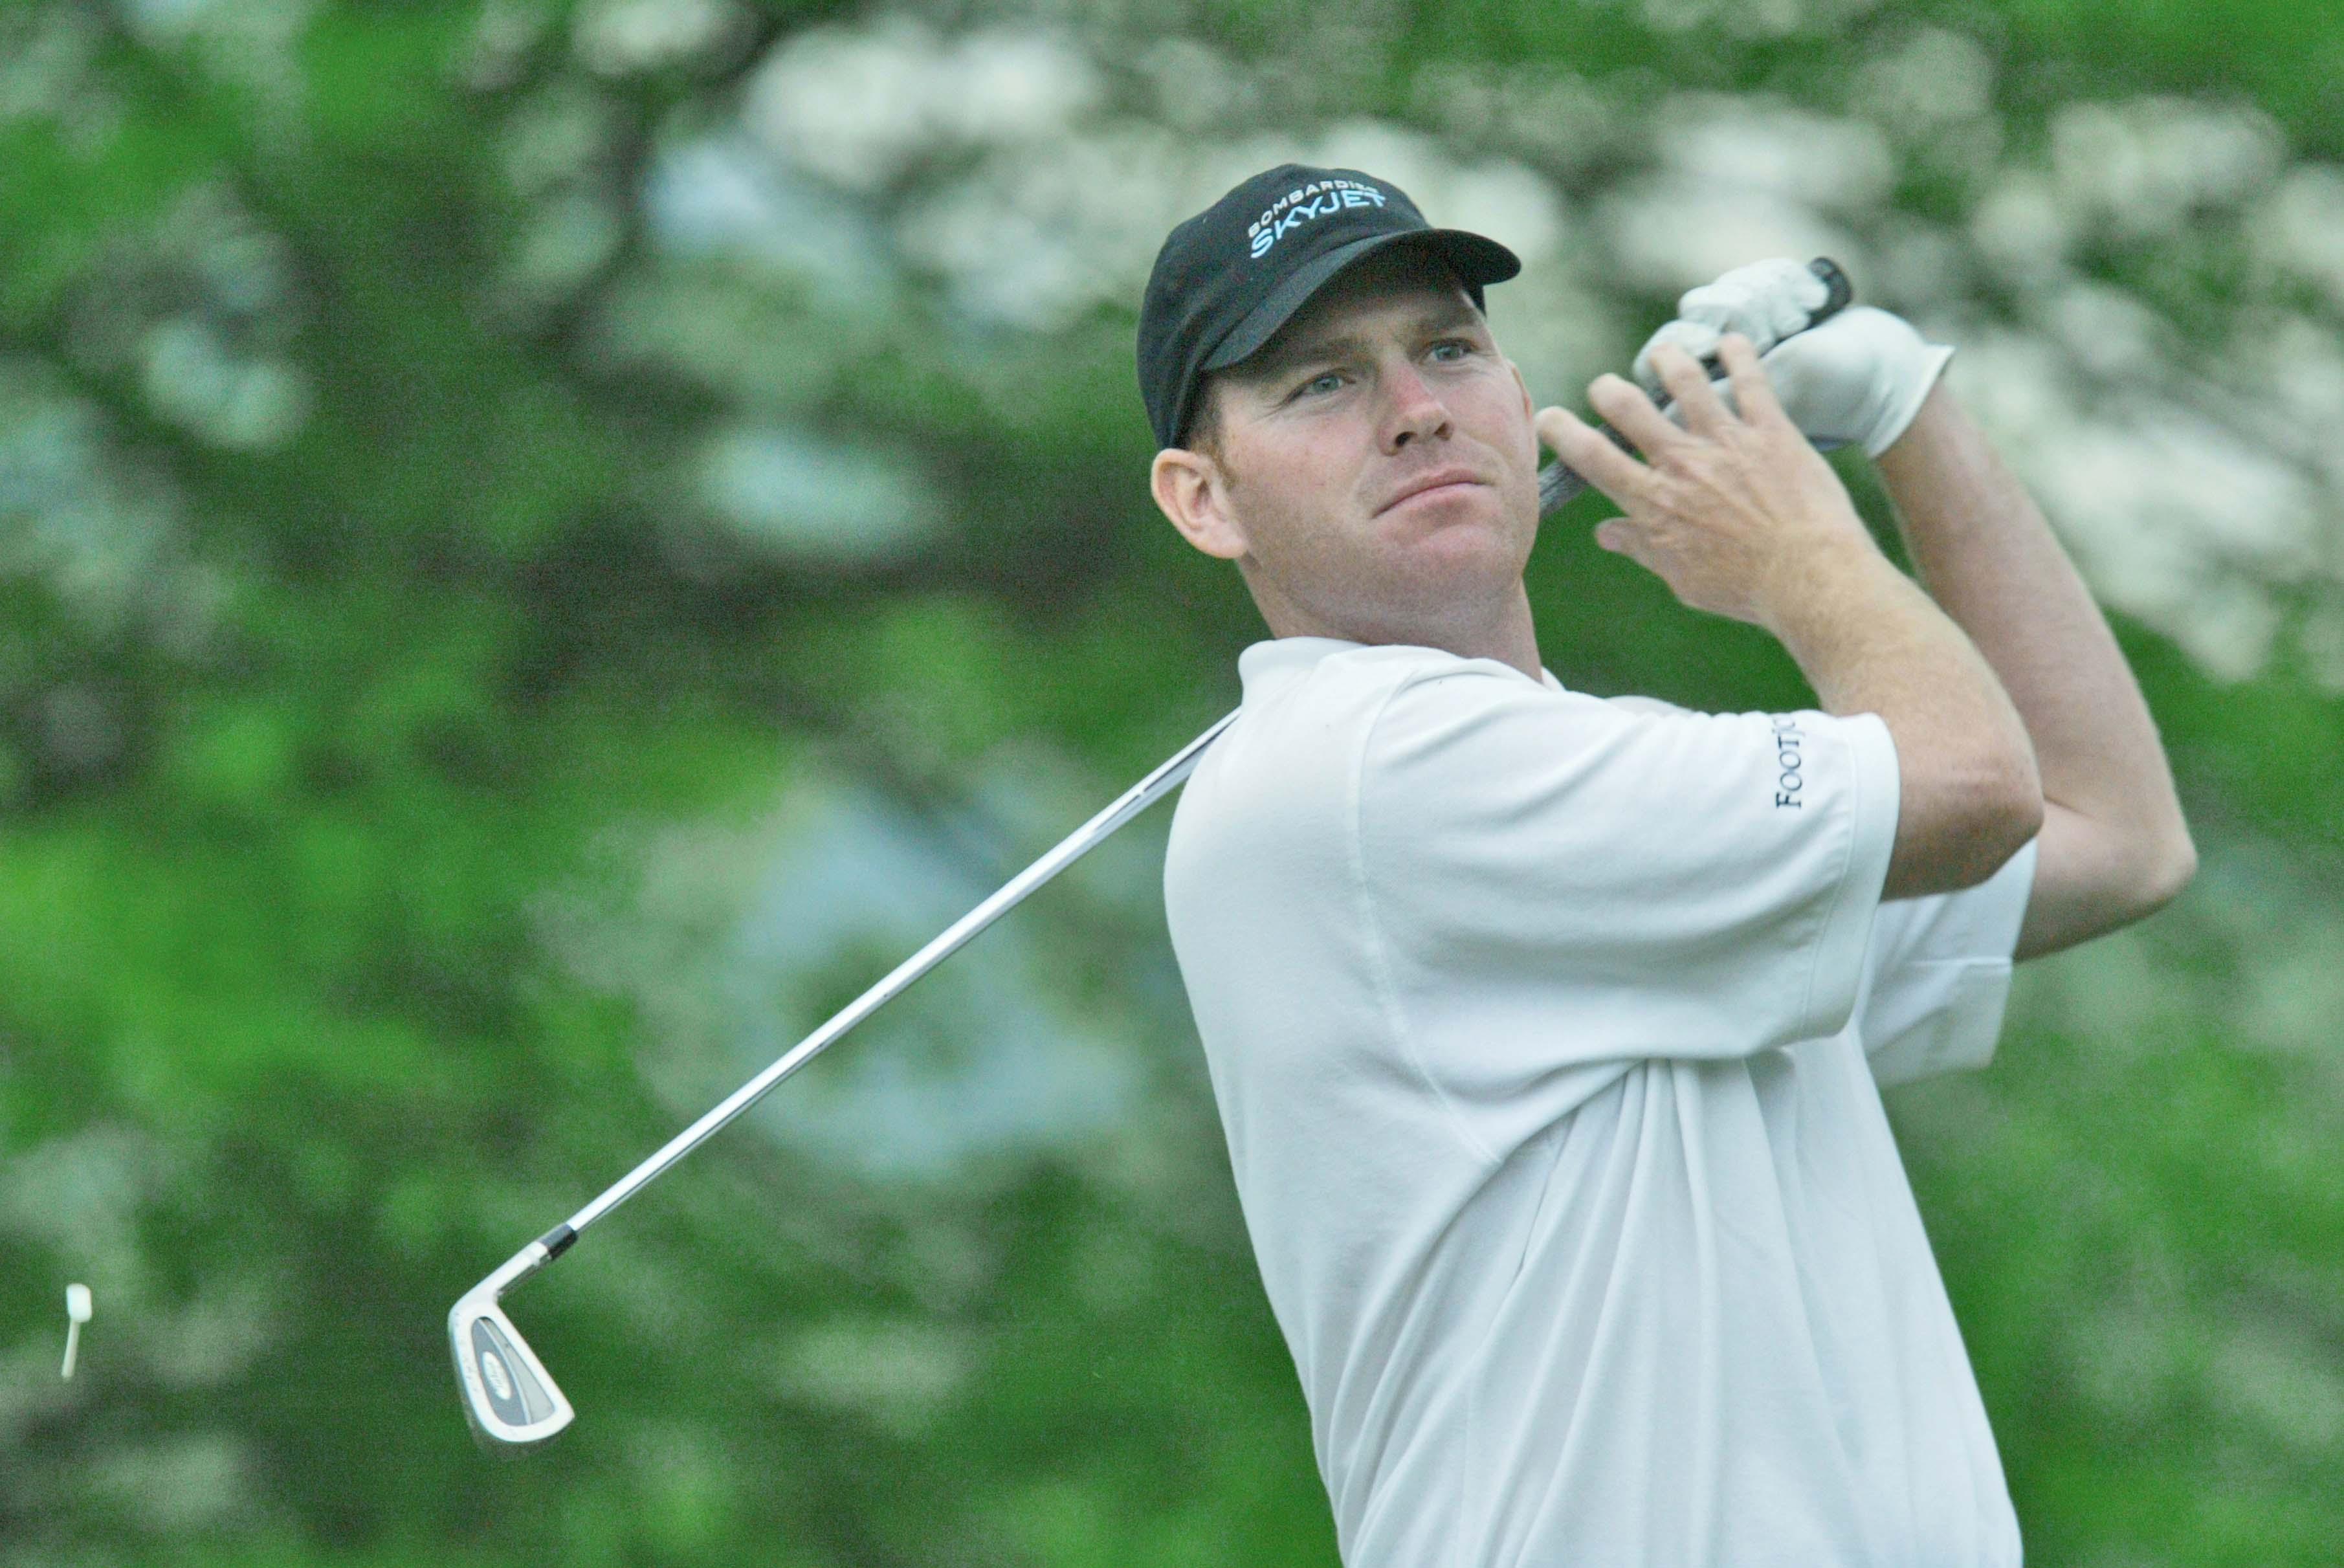 2002 - Troy Matteson, Georgia Tech